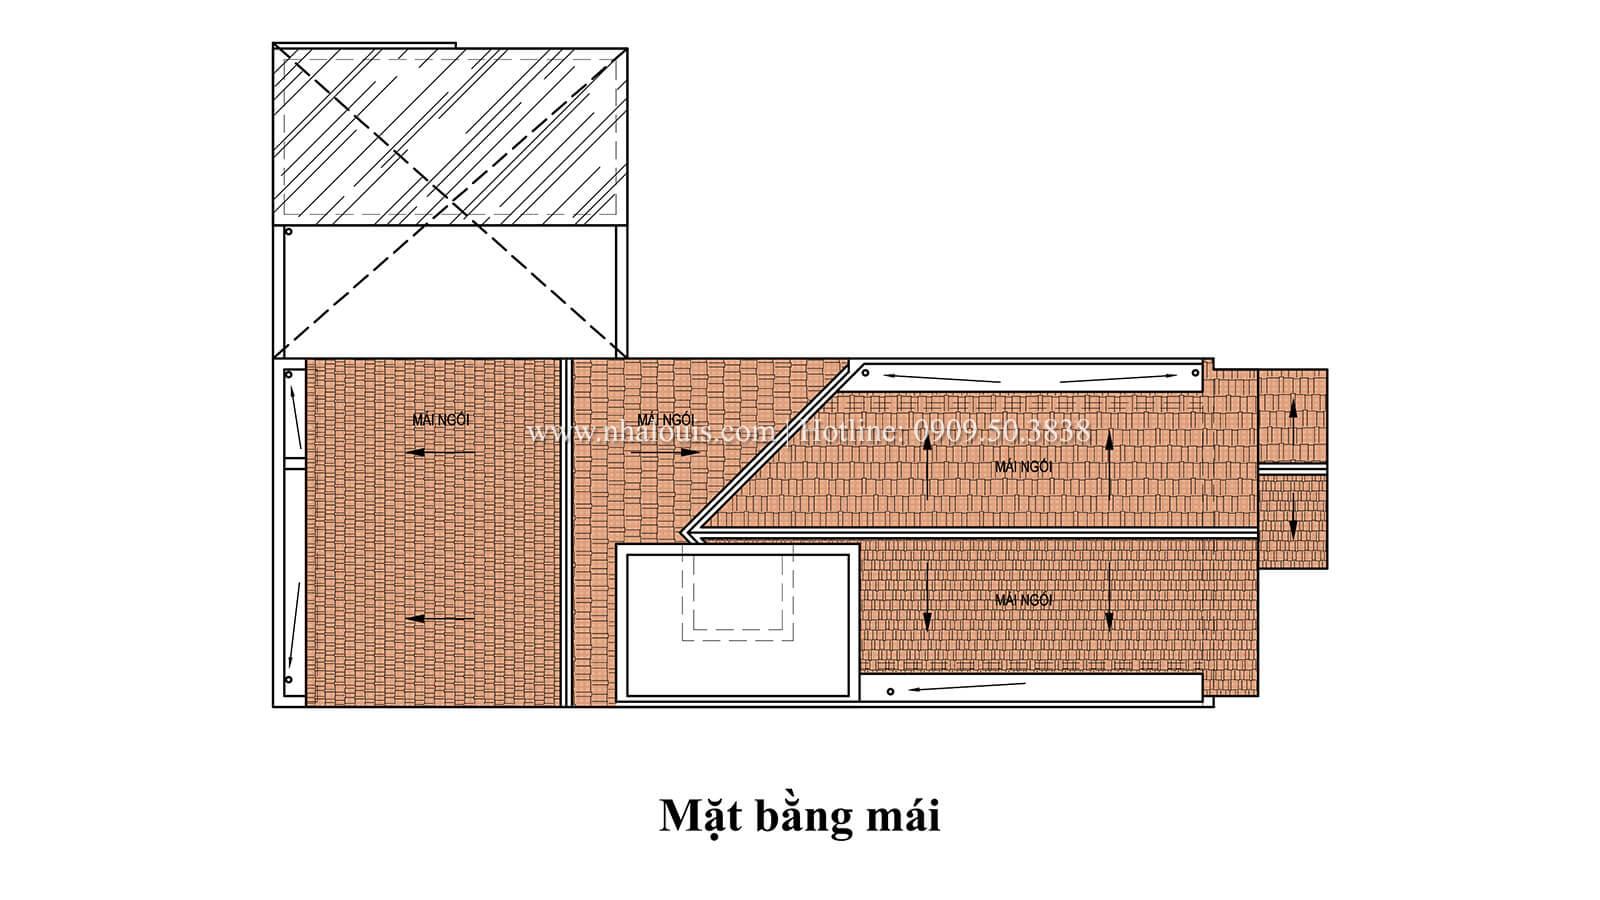 Mẫu nhà tân cổ điển 4 tầng với thần thái cực chất tại Tân Bình